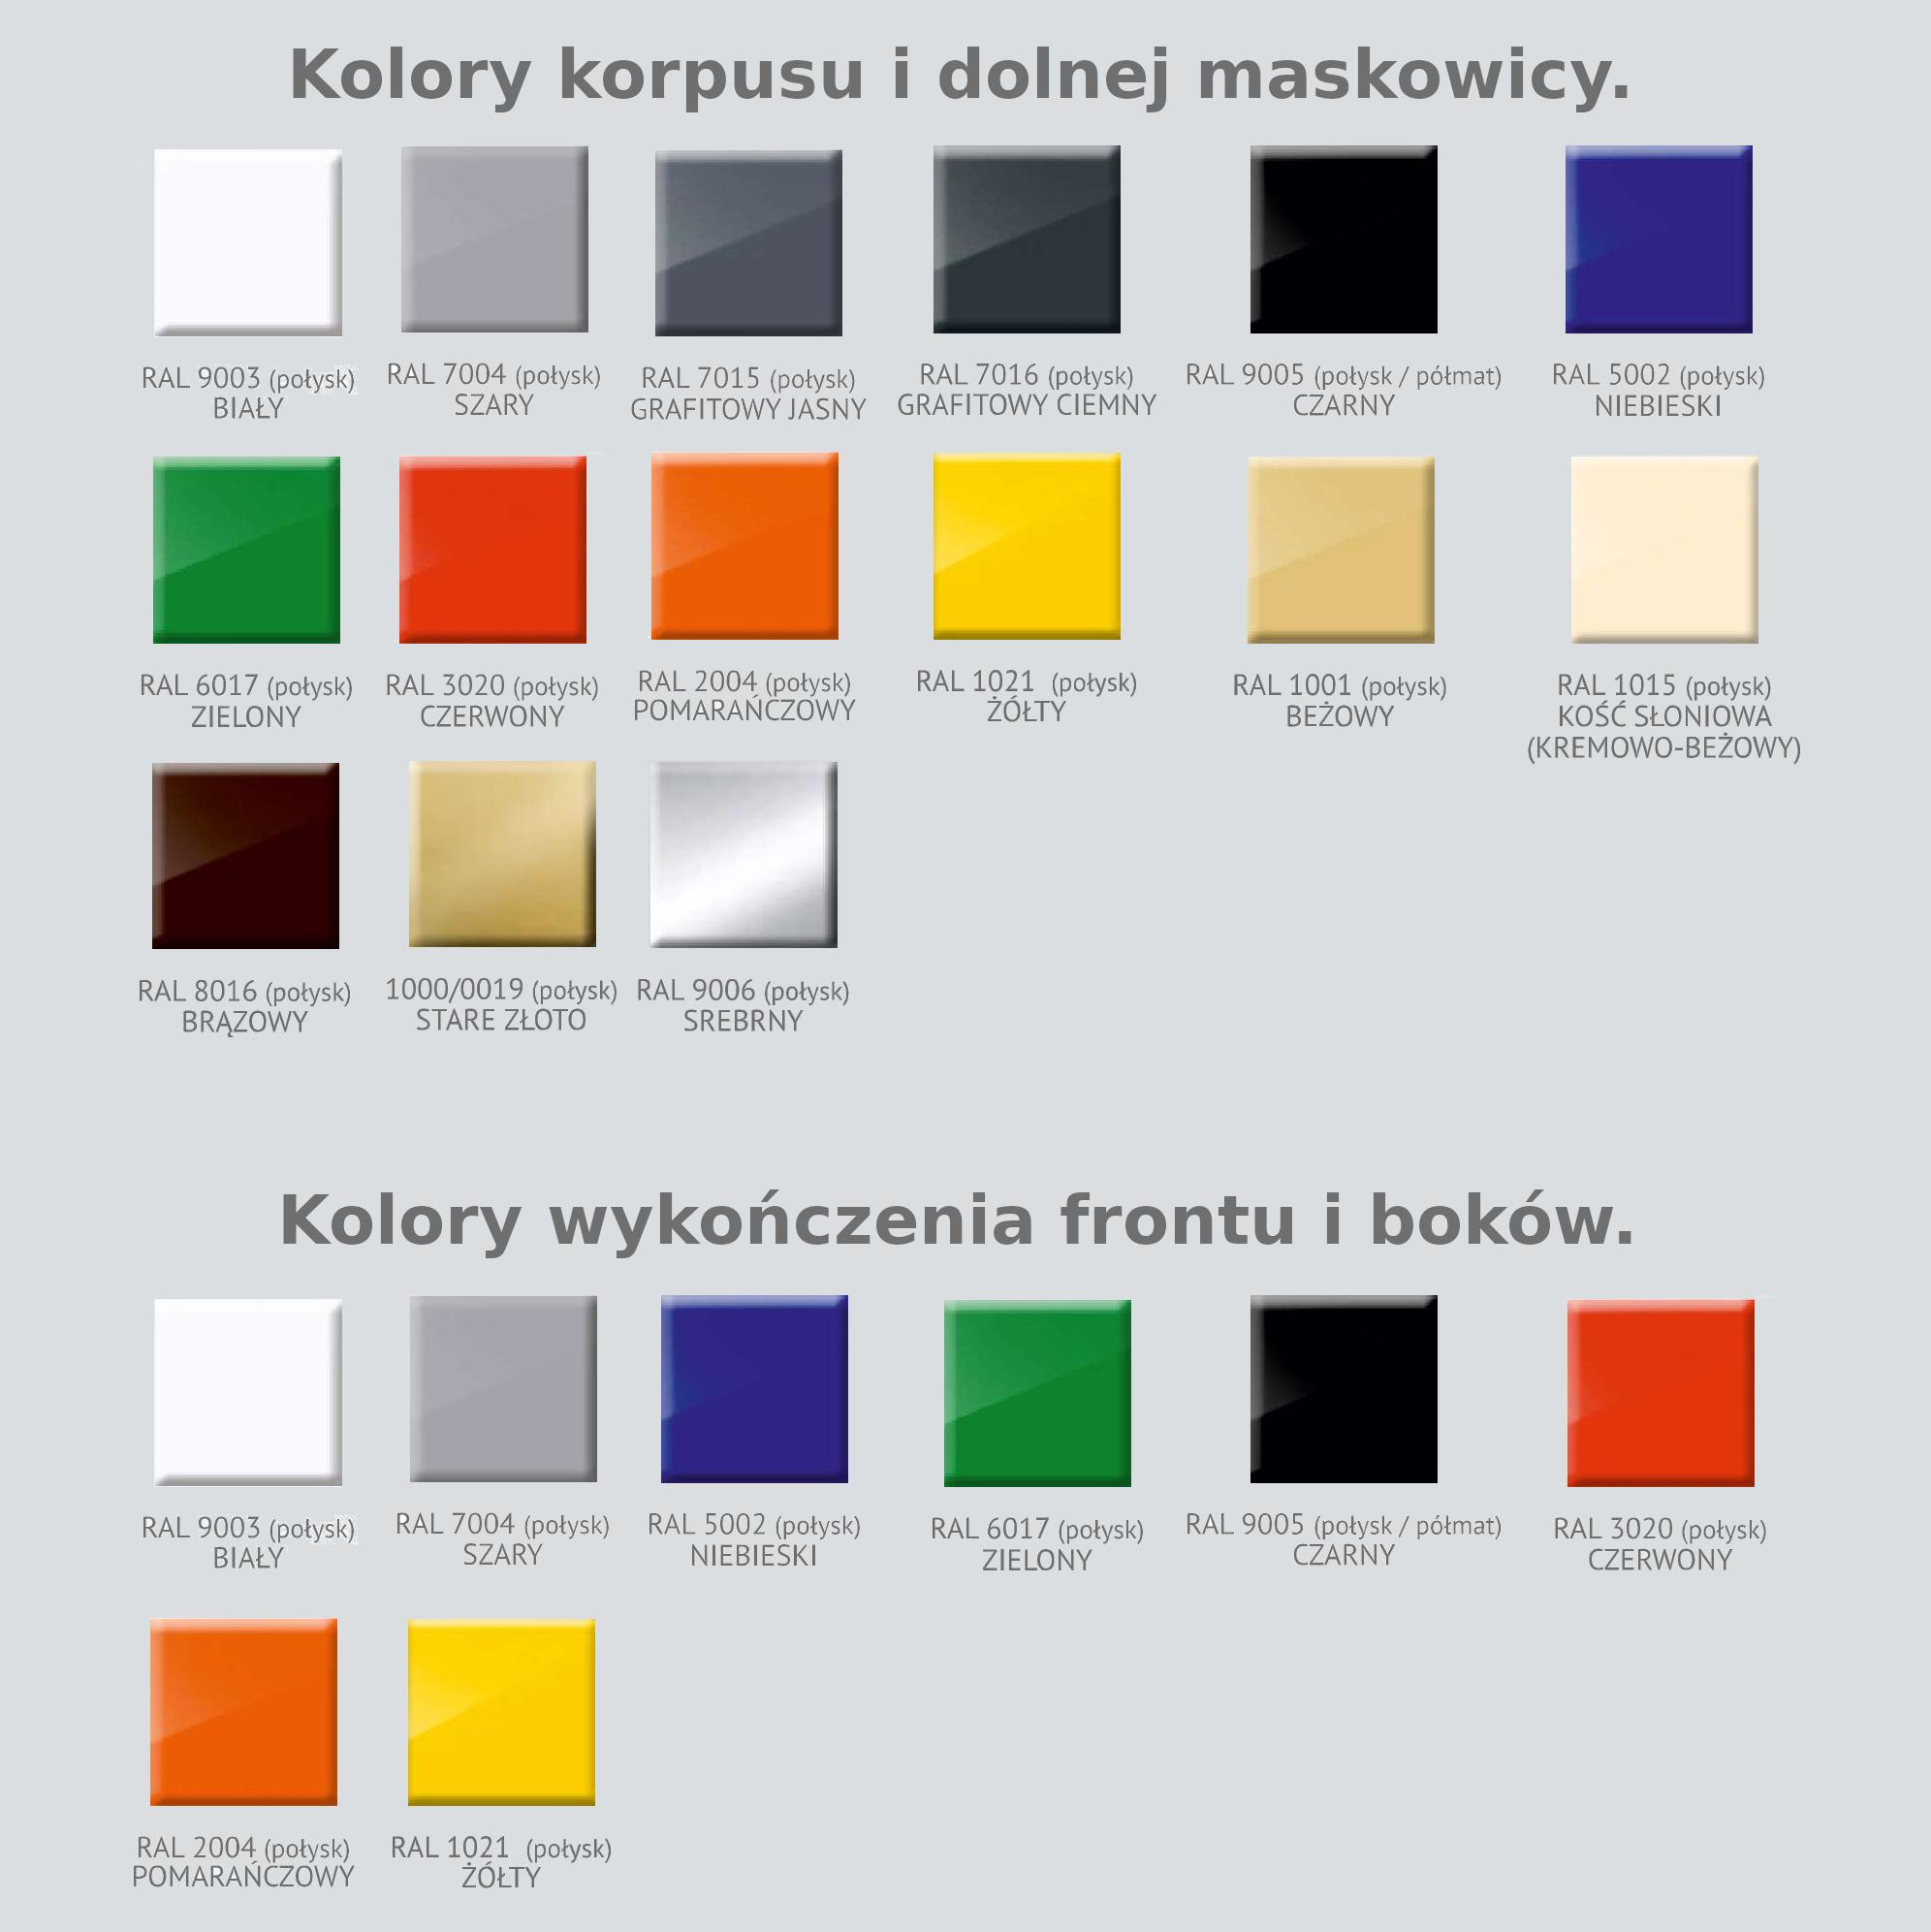 kolorysty_rapa_5.jpg